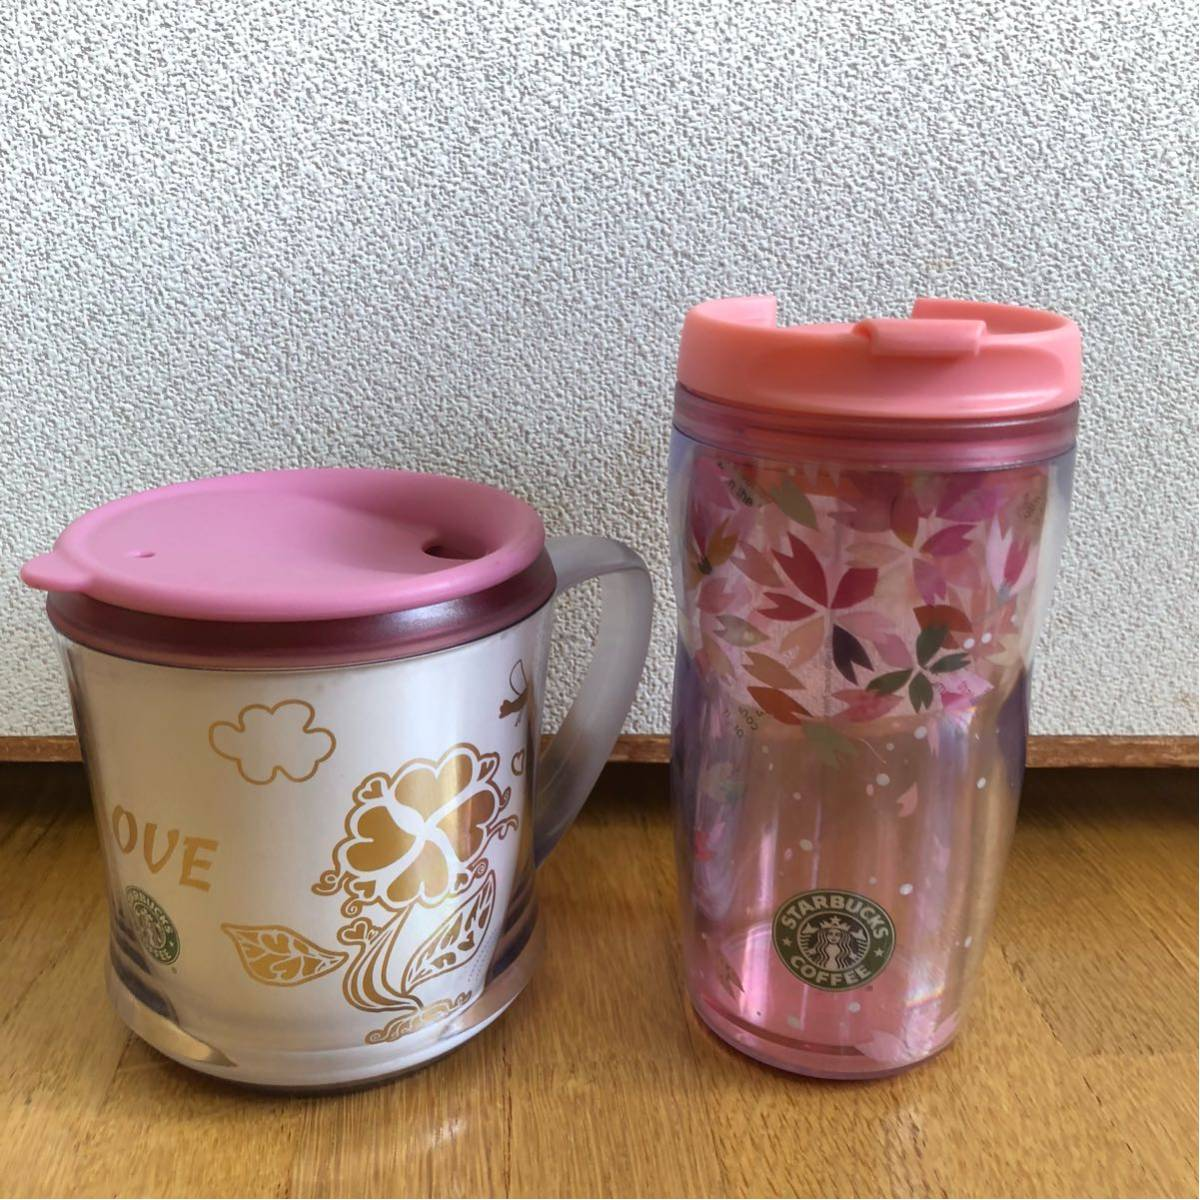 送料込み★スターバックス タンブラー&コーヒーカップ★SAKURA ピンクハート★_画像1